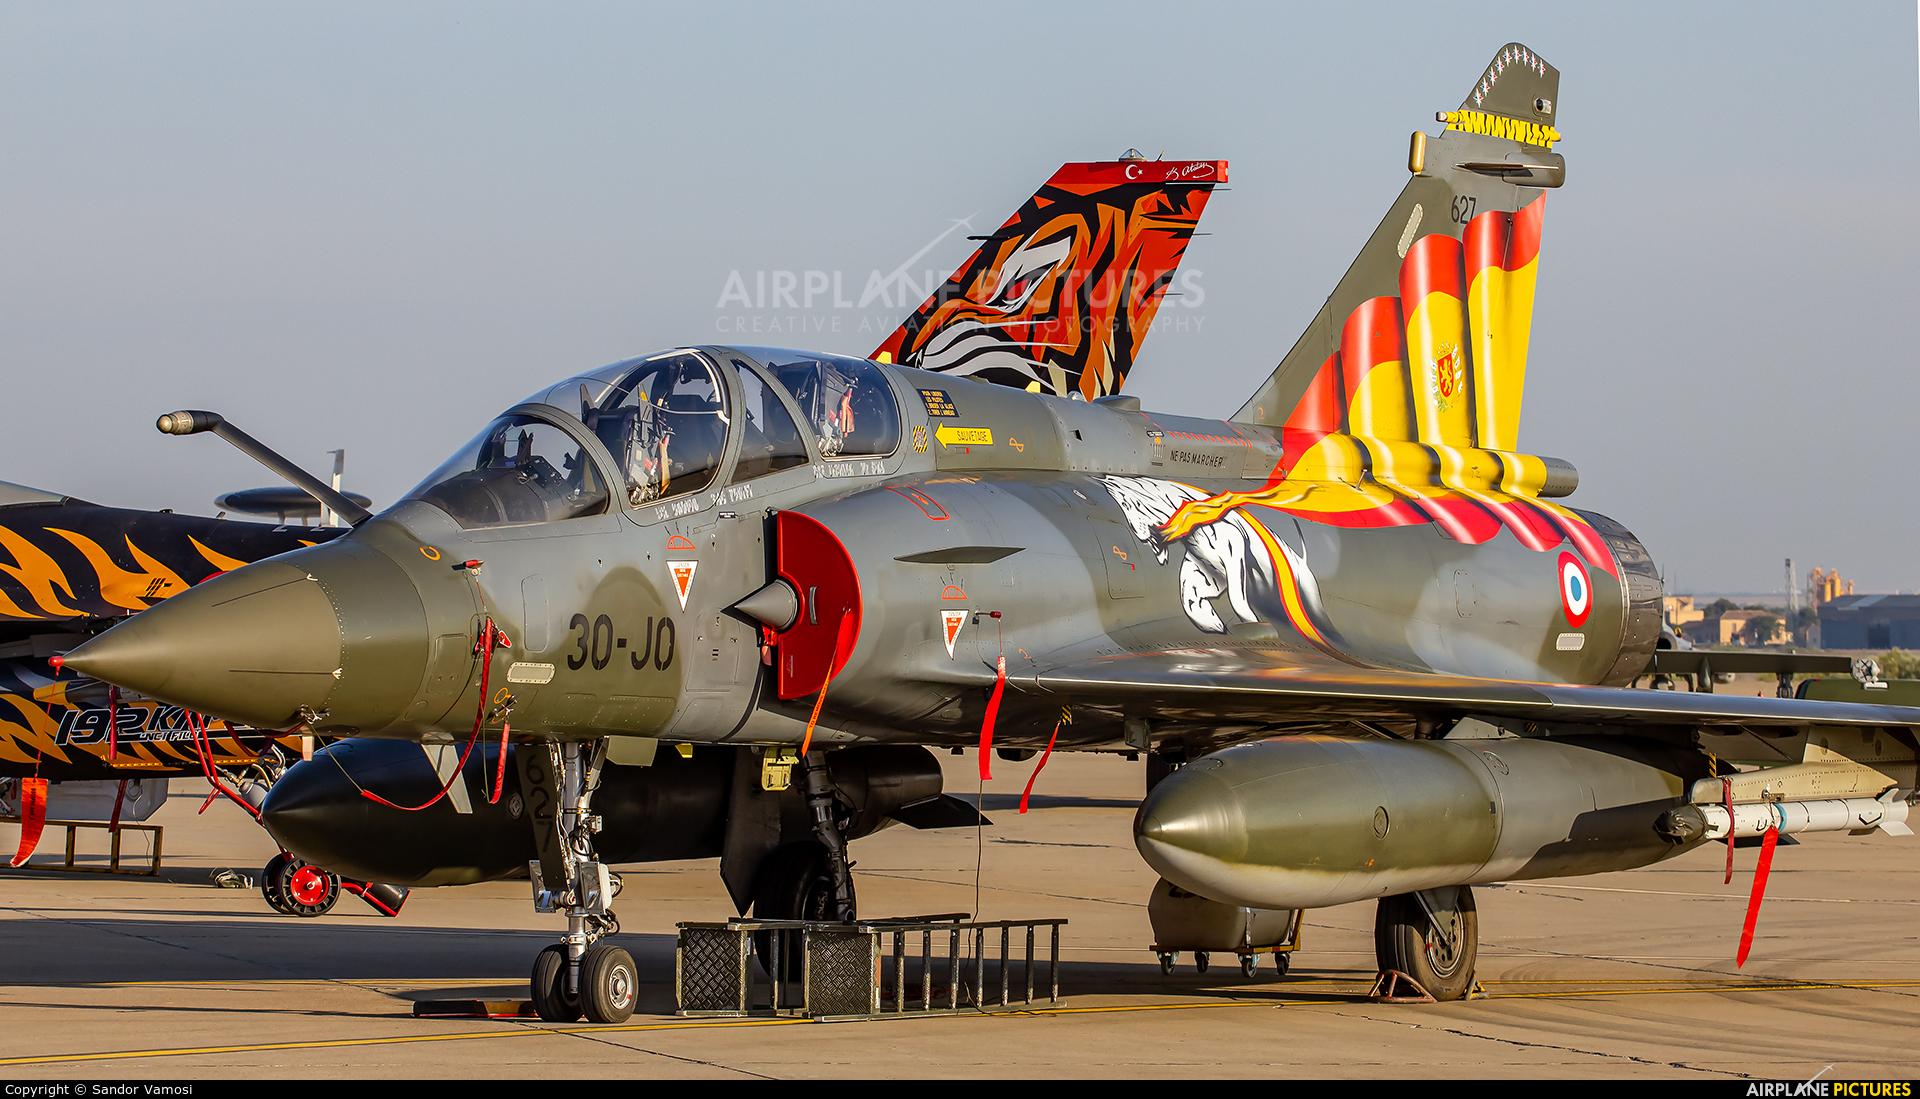 France - Air Force 627 aircraft at Zaragoza